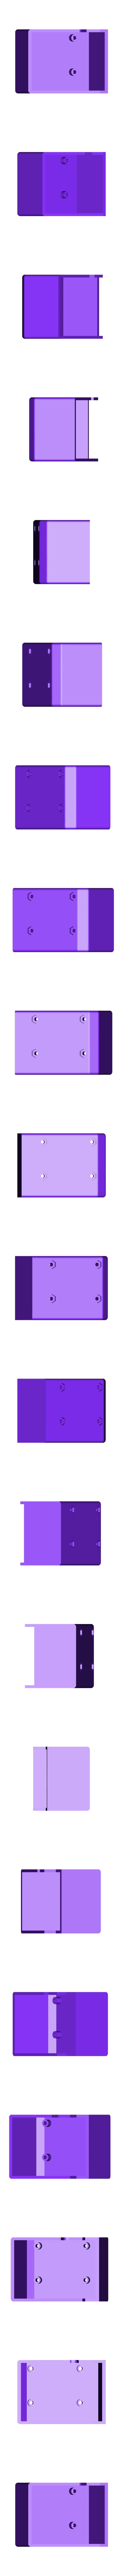 back_case.stl Télécharger fichier STL gratuit Mini Macintosh • Modèle à imprimer en 3D, GadgetsThatGo